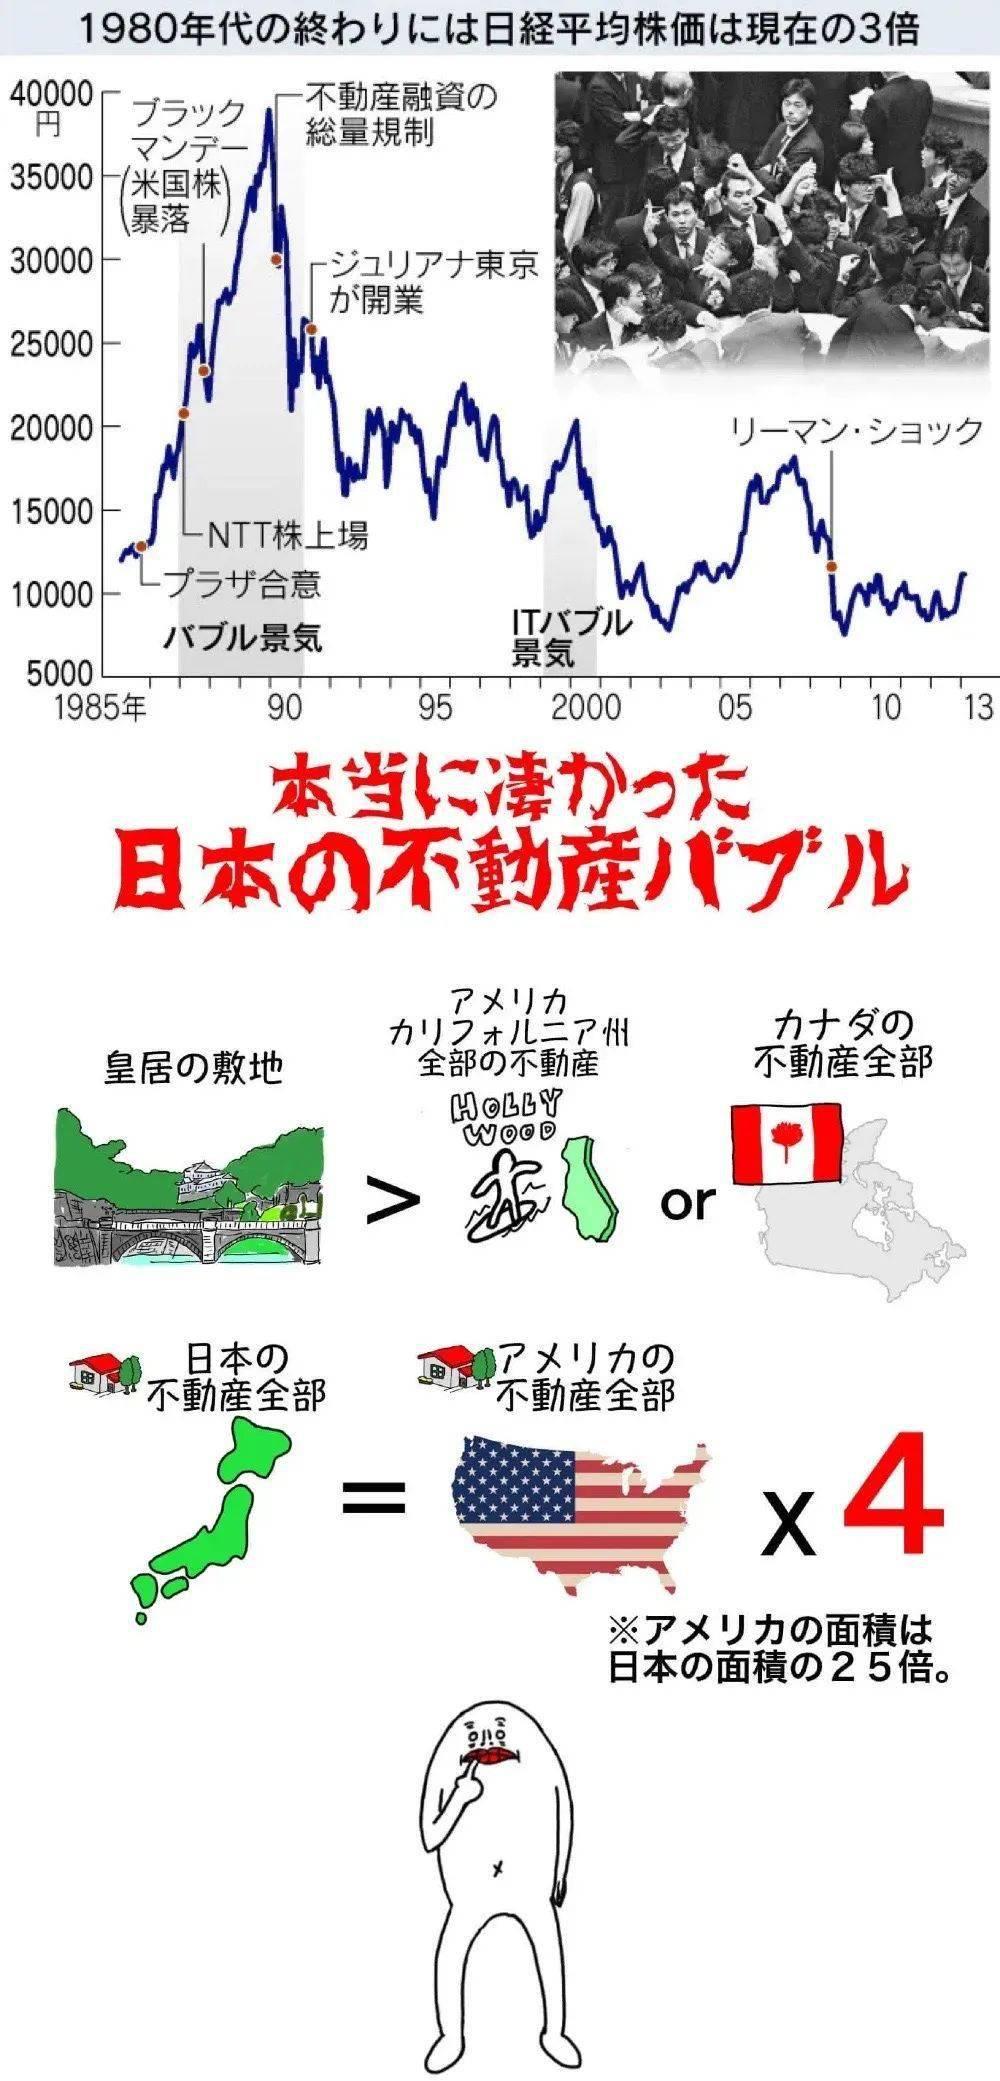 1989年,日均平均指数达到历史峰值,之后跳楼式下跌。原先不动产超美国4倍的日本直接崩盘